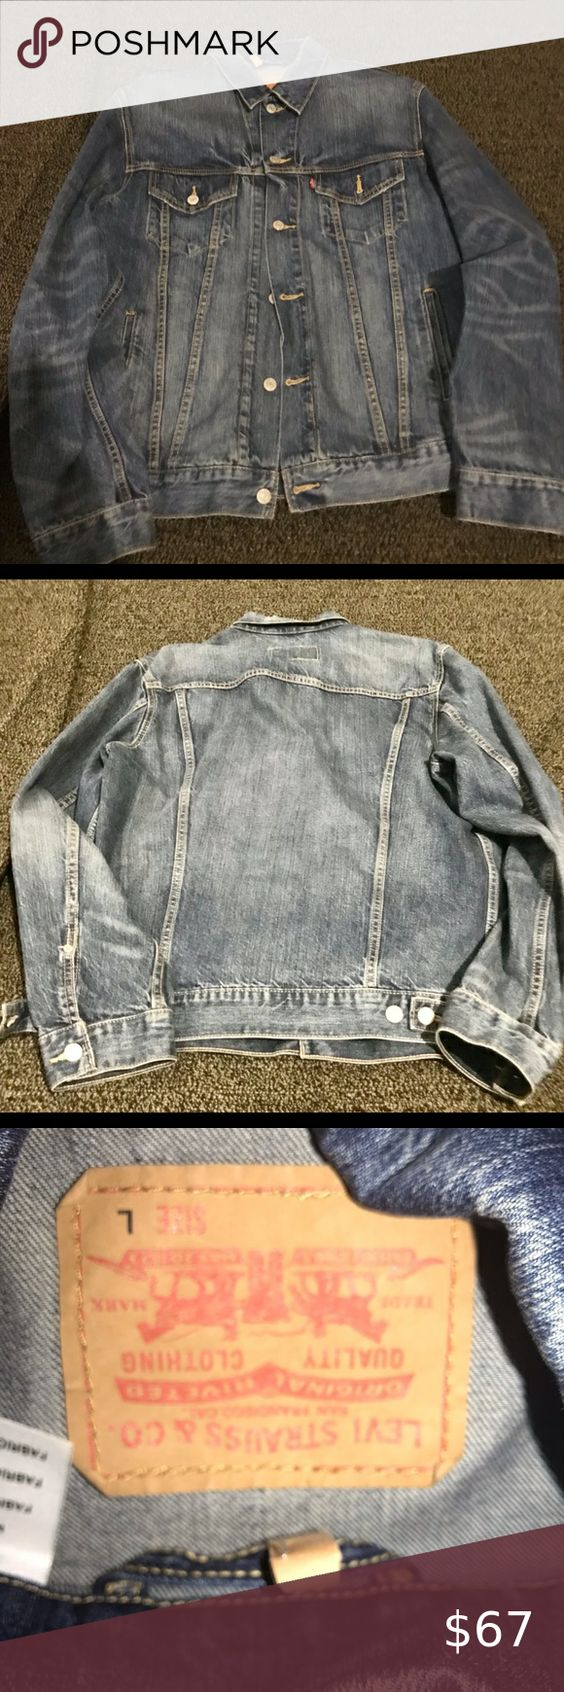 Vintage Levi S Jacket In 2020 Vintage Levis Jacket Vintage Levis Jackets